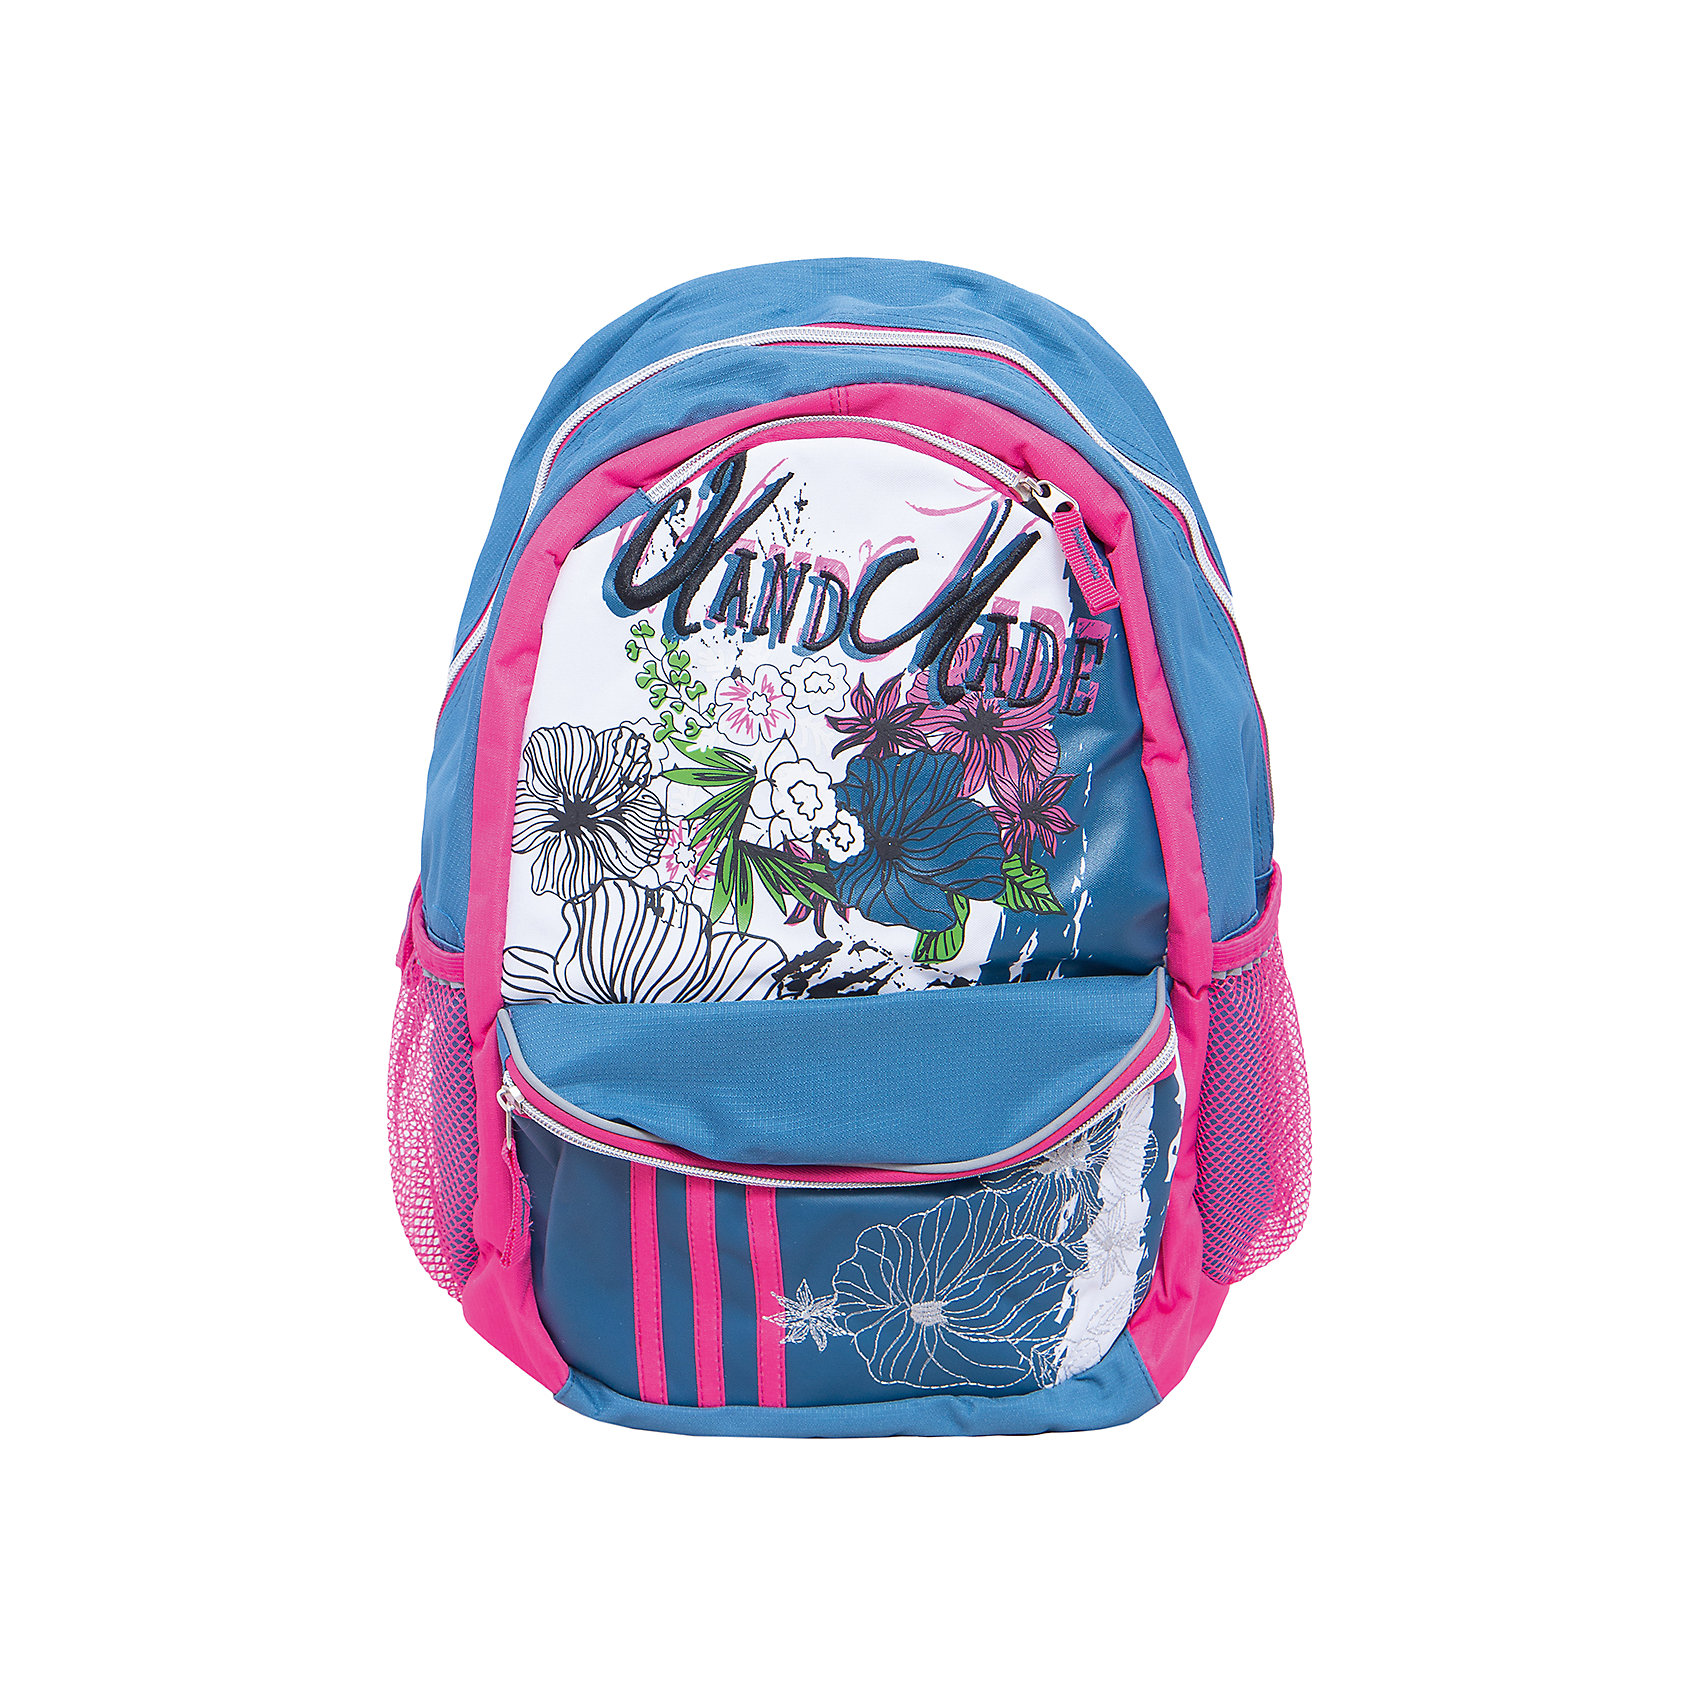 Школьный рюкзак BOO York, Мonster HighMonster High<br>Рюкзак Мonster High BOO York с изображением любимых героев мультфильма идеально подходит для похода девочки в школу. Он очень стильно выглядит и может вместить в себя всё необходимое для занятий.<br>В рюкзаке - одно большое основное отделение, также есть два удобных боковых кармана. Изделие дополнено светоотражающими элементами для повышения безопасности ребенка. На рюкзаке - удобные широкие лямки, петля, ручка для переноса. Застегивается на молнию. Изделие произведено из качественных и безопасных для ребенка материалов.<br><br>Дополнительная информация:<br><br>цвет: разноцветный;<br>материал: нейлон, полиэстер;<br>вес: 750 г;<br>широкие лямки;<br>боковые карманы.<br><br>Школьный рюкзак BOO York, Мonster High можно купить в нашем магазине.<br><br>Ширина мм: 170<br>Глубина мм: 315<br>Высота мм: 380<br>Вес г: 750<br>Возраст от месяцев: 72<br>Возраст до месяцев: 144<br>Пол: Женский<br>Возраст: Детский<br>SKU: 4743942